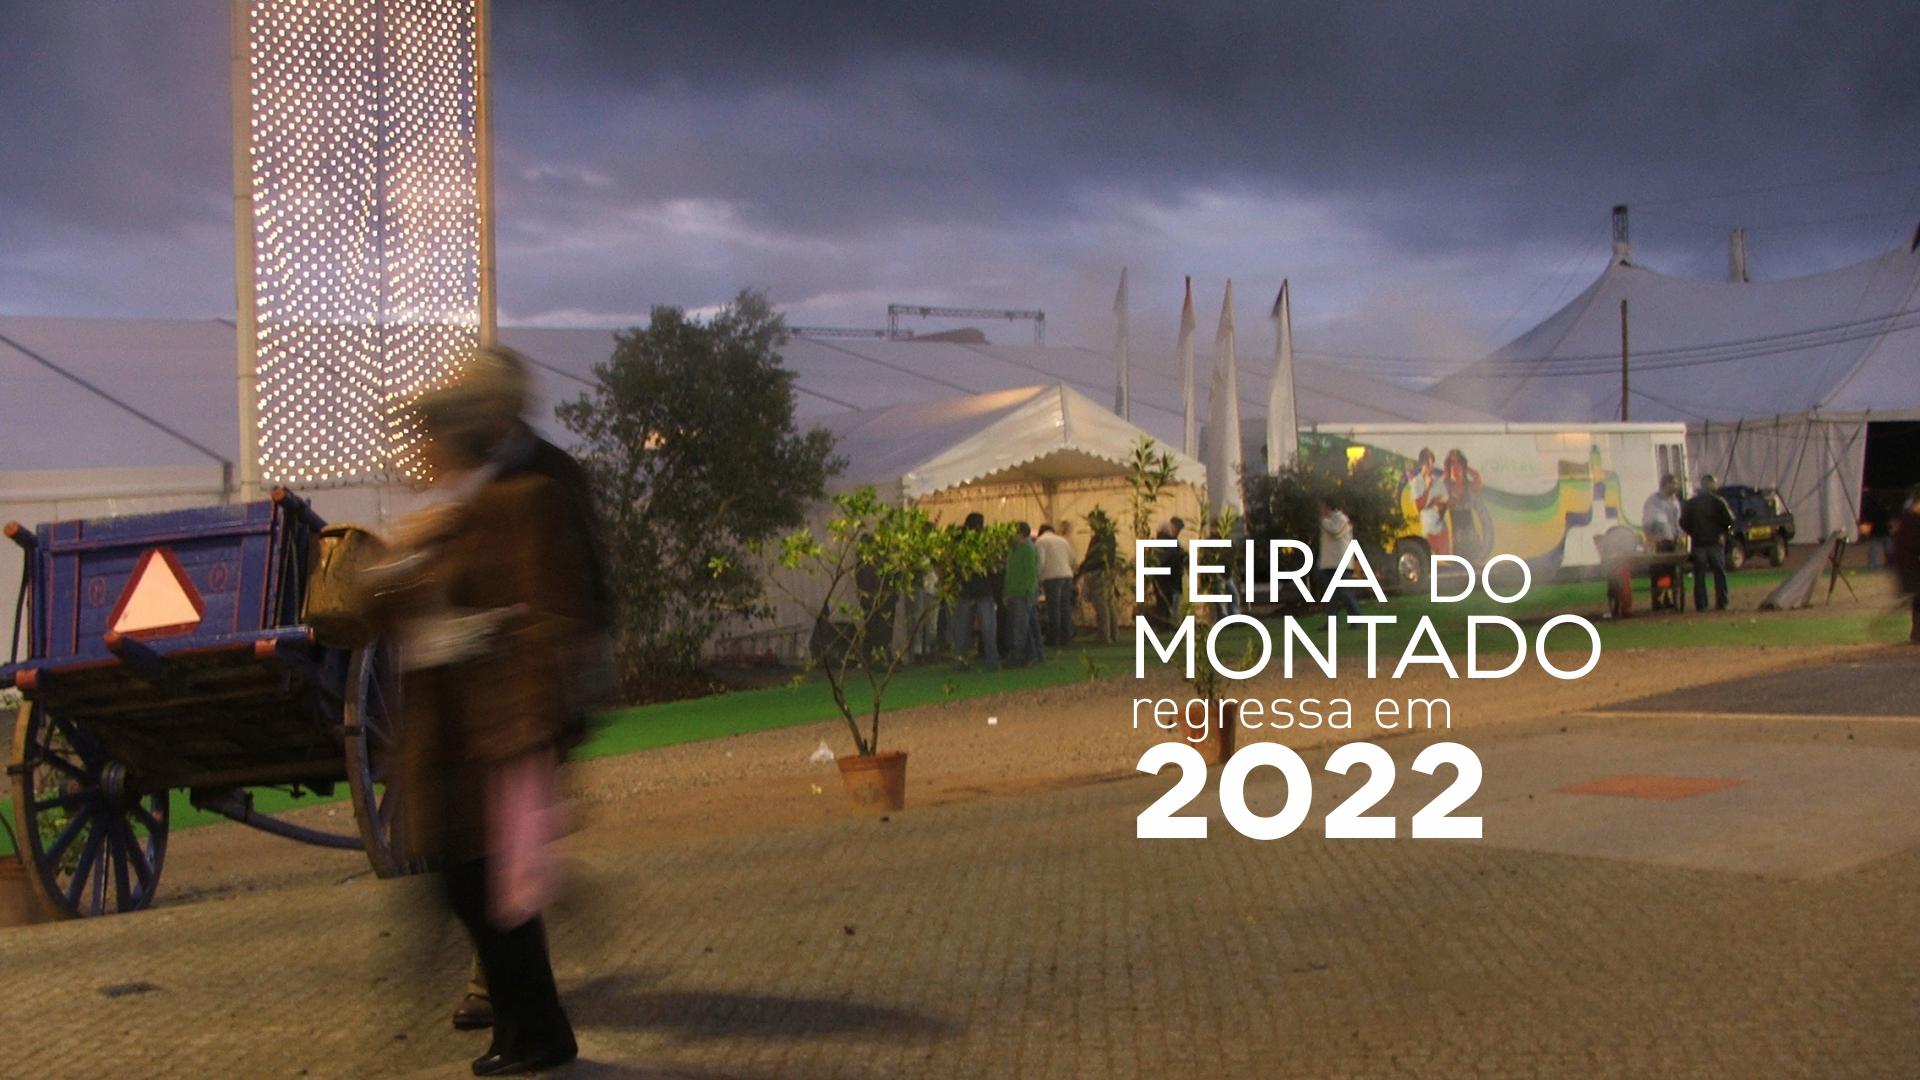 Feira do Montado Regressa em 2022